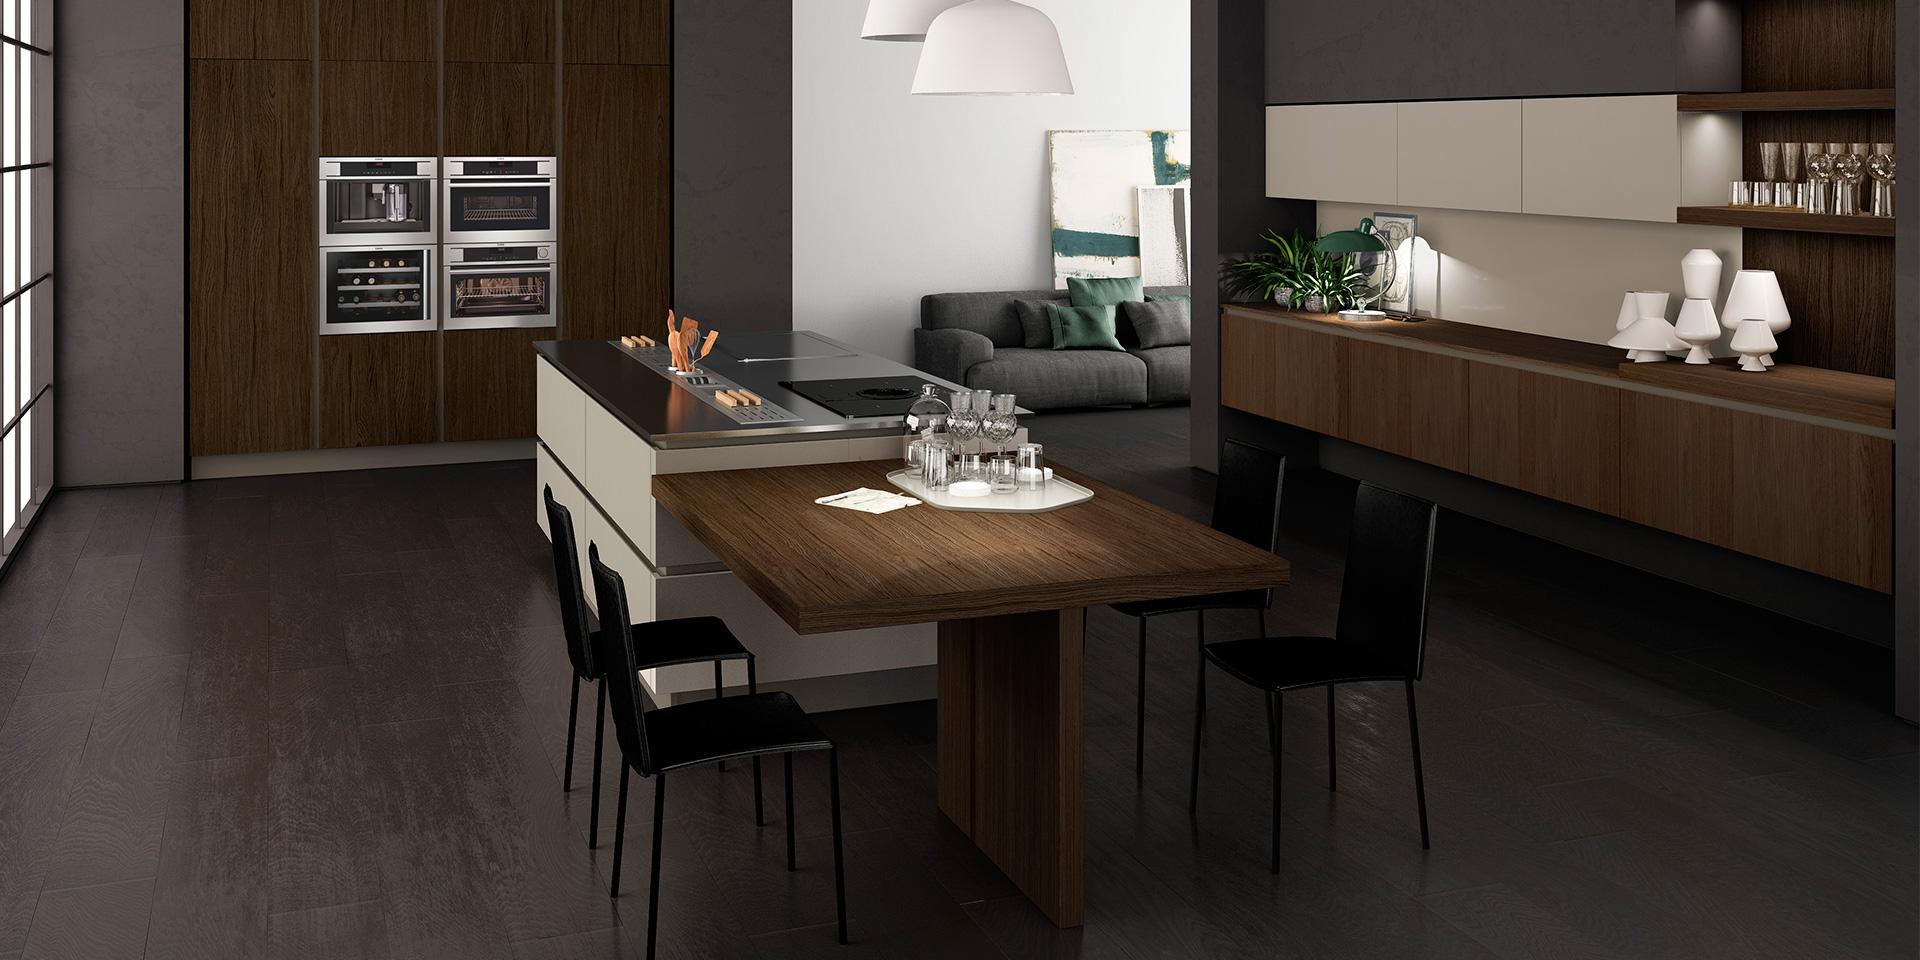 I consigli per scegliere tavoli e sedie - Mobili Giardina